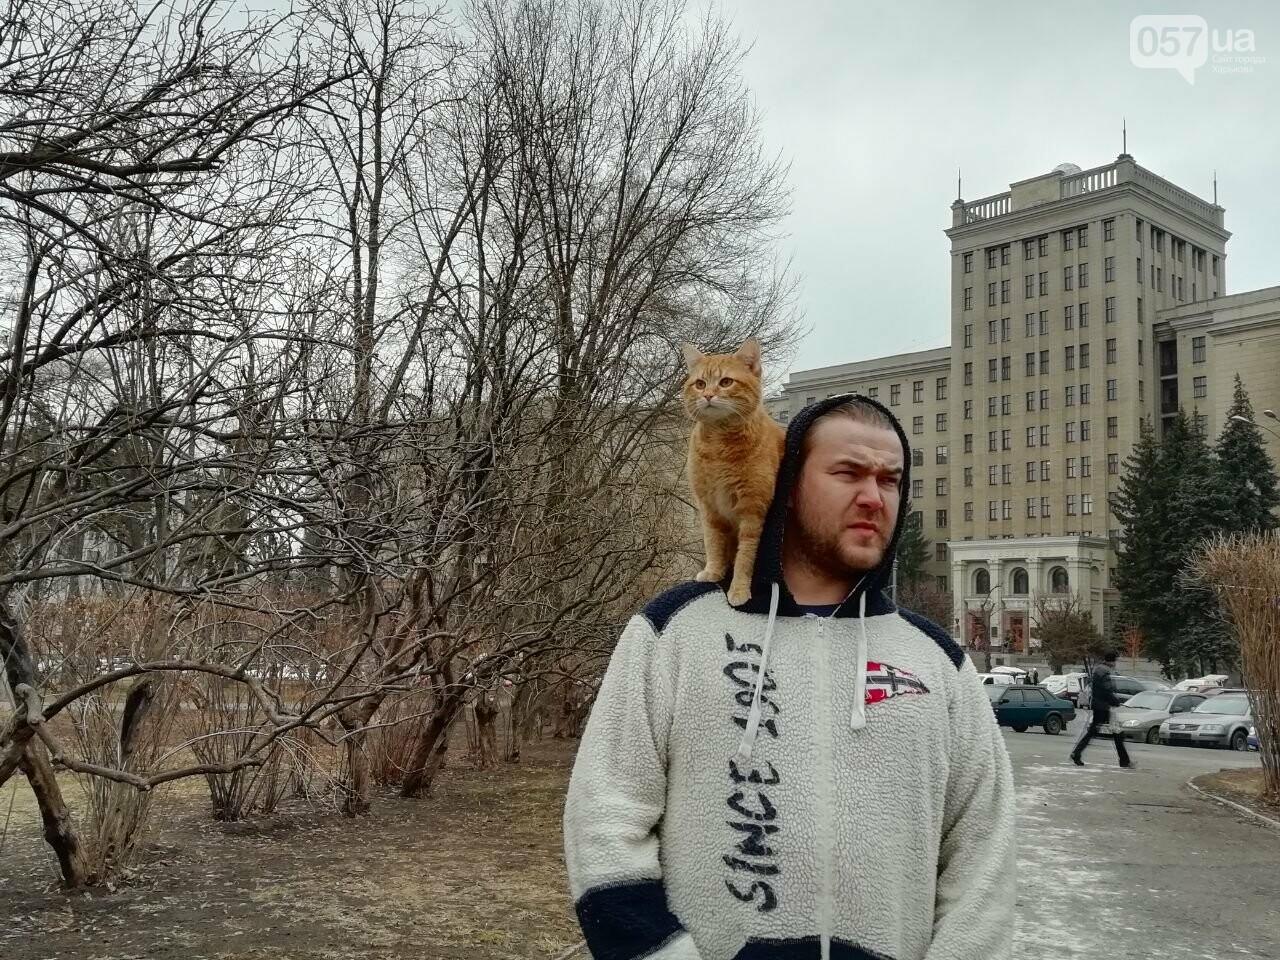 Поездка с котом и большие чаевые. Как харьковский таксист с питомцем возит пассажиров, - ФОТО, фото-7